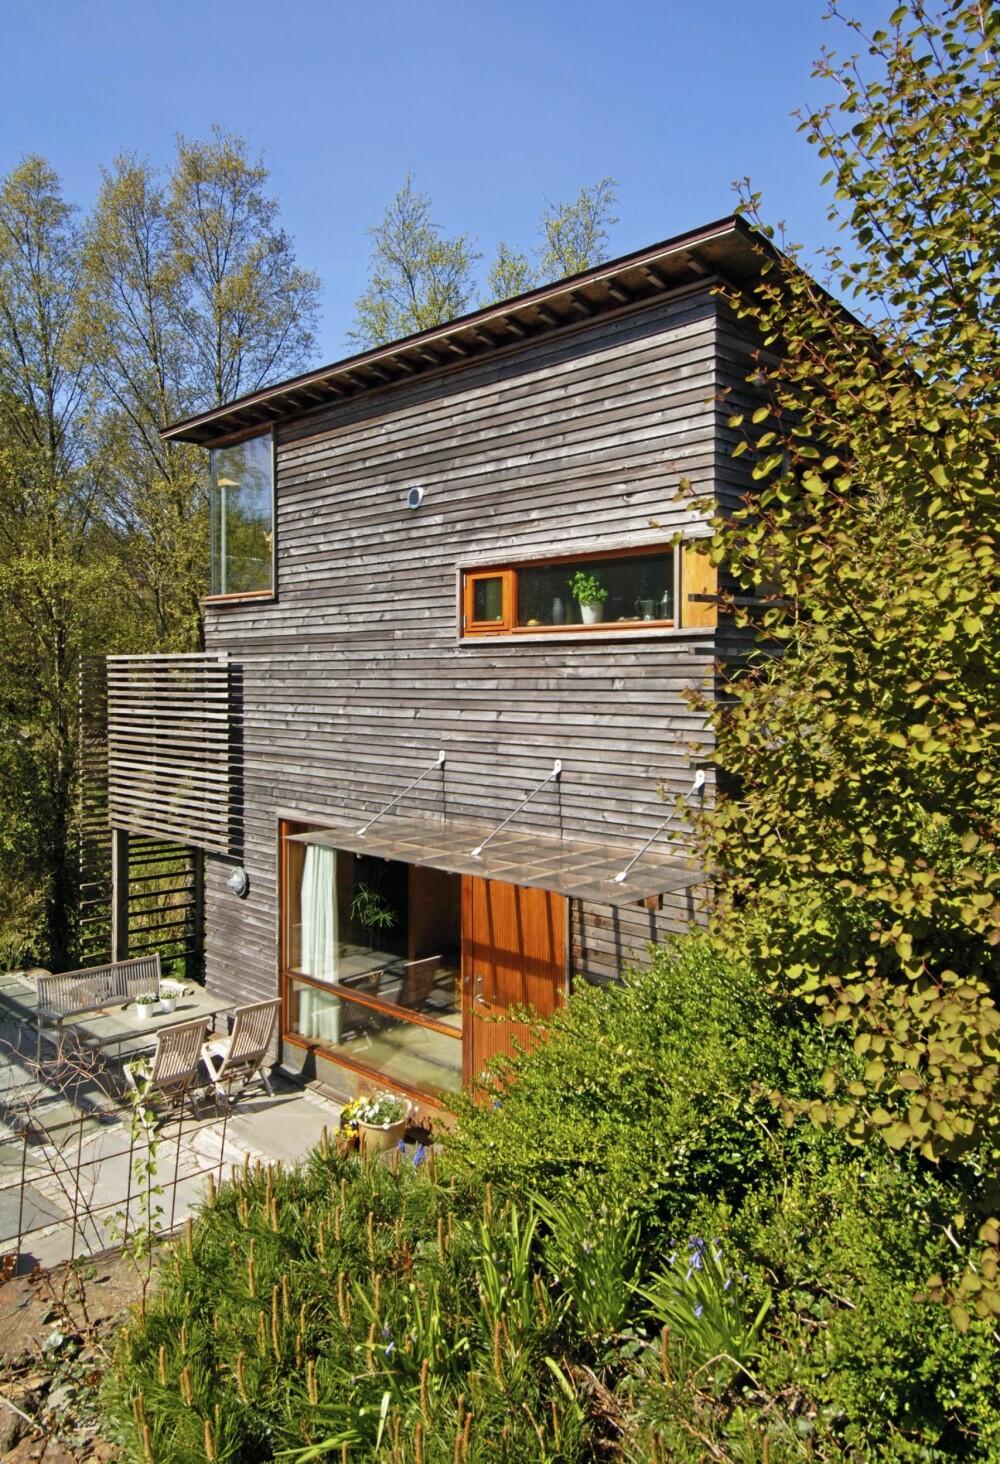 HELT TOPP MED TERRASSE PÅ BAKKEN: Arkitektene Hilde Haga og Rune Grrov tegnet dette huset med blant annet en utplass som fyller flere funksjoner.